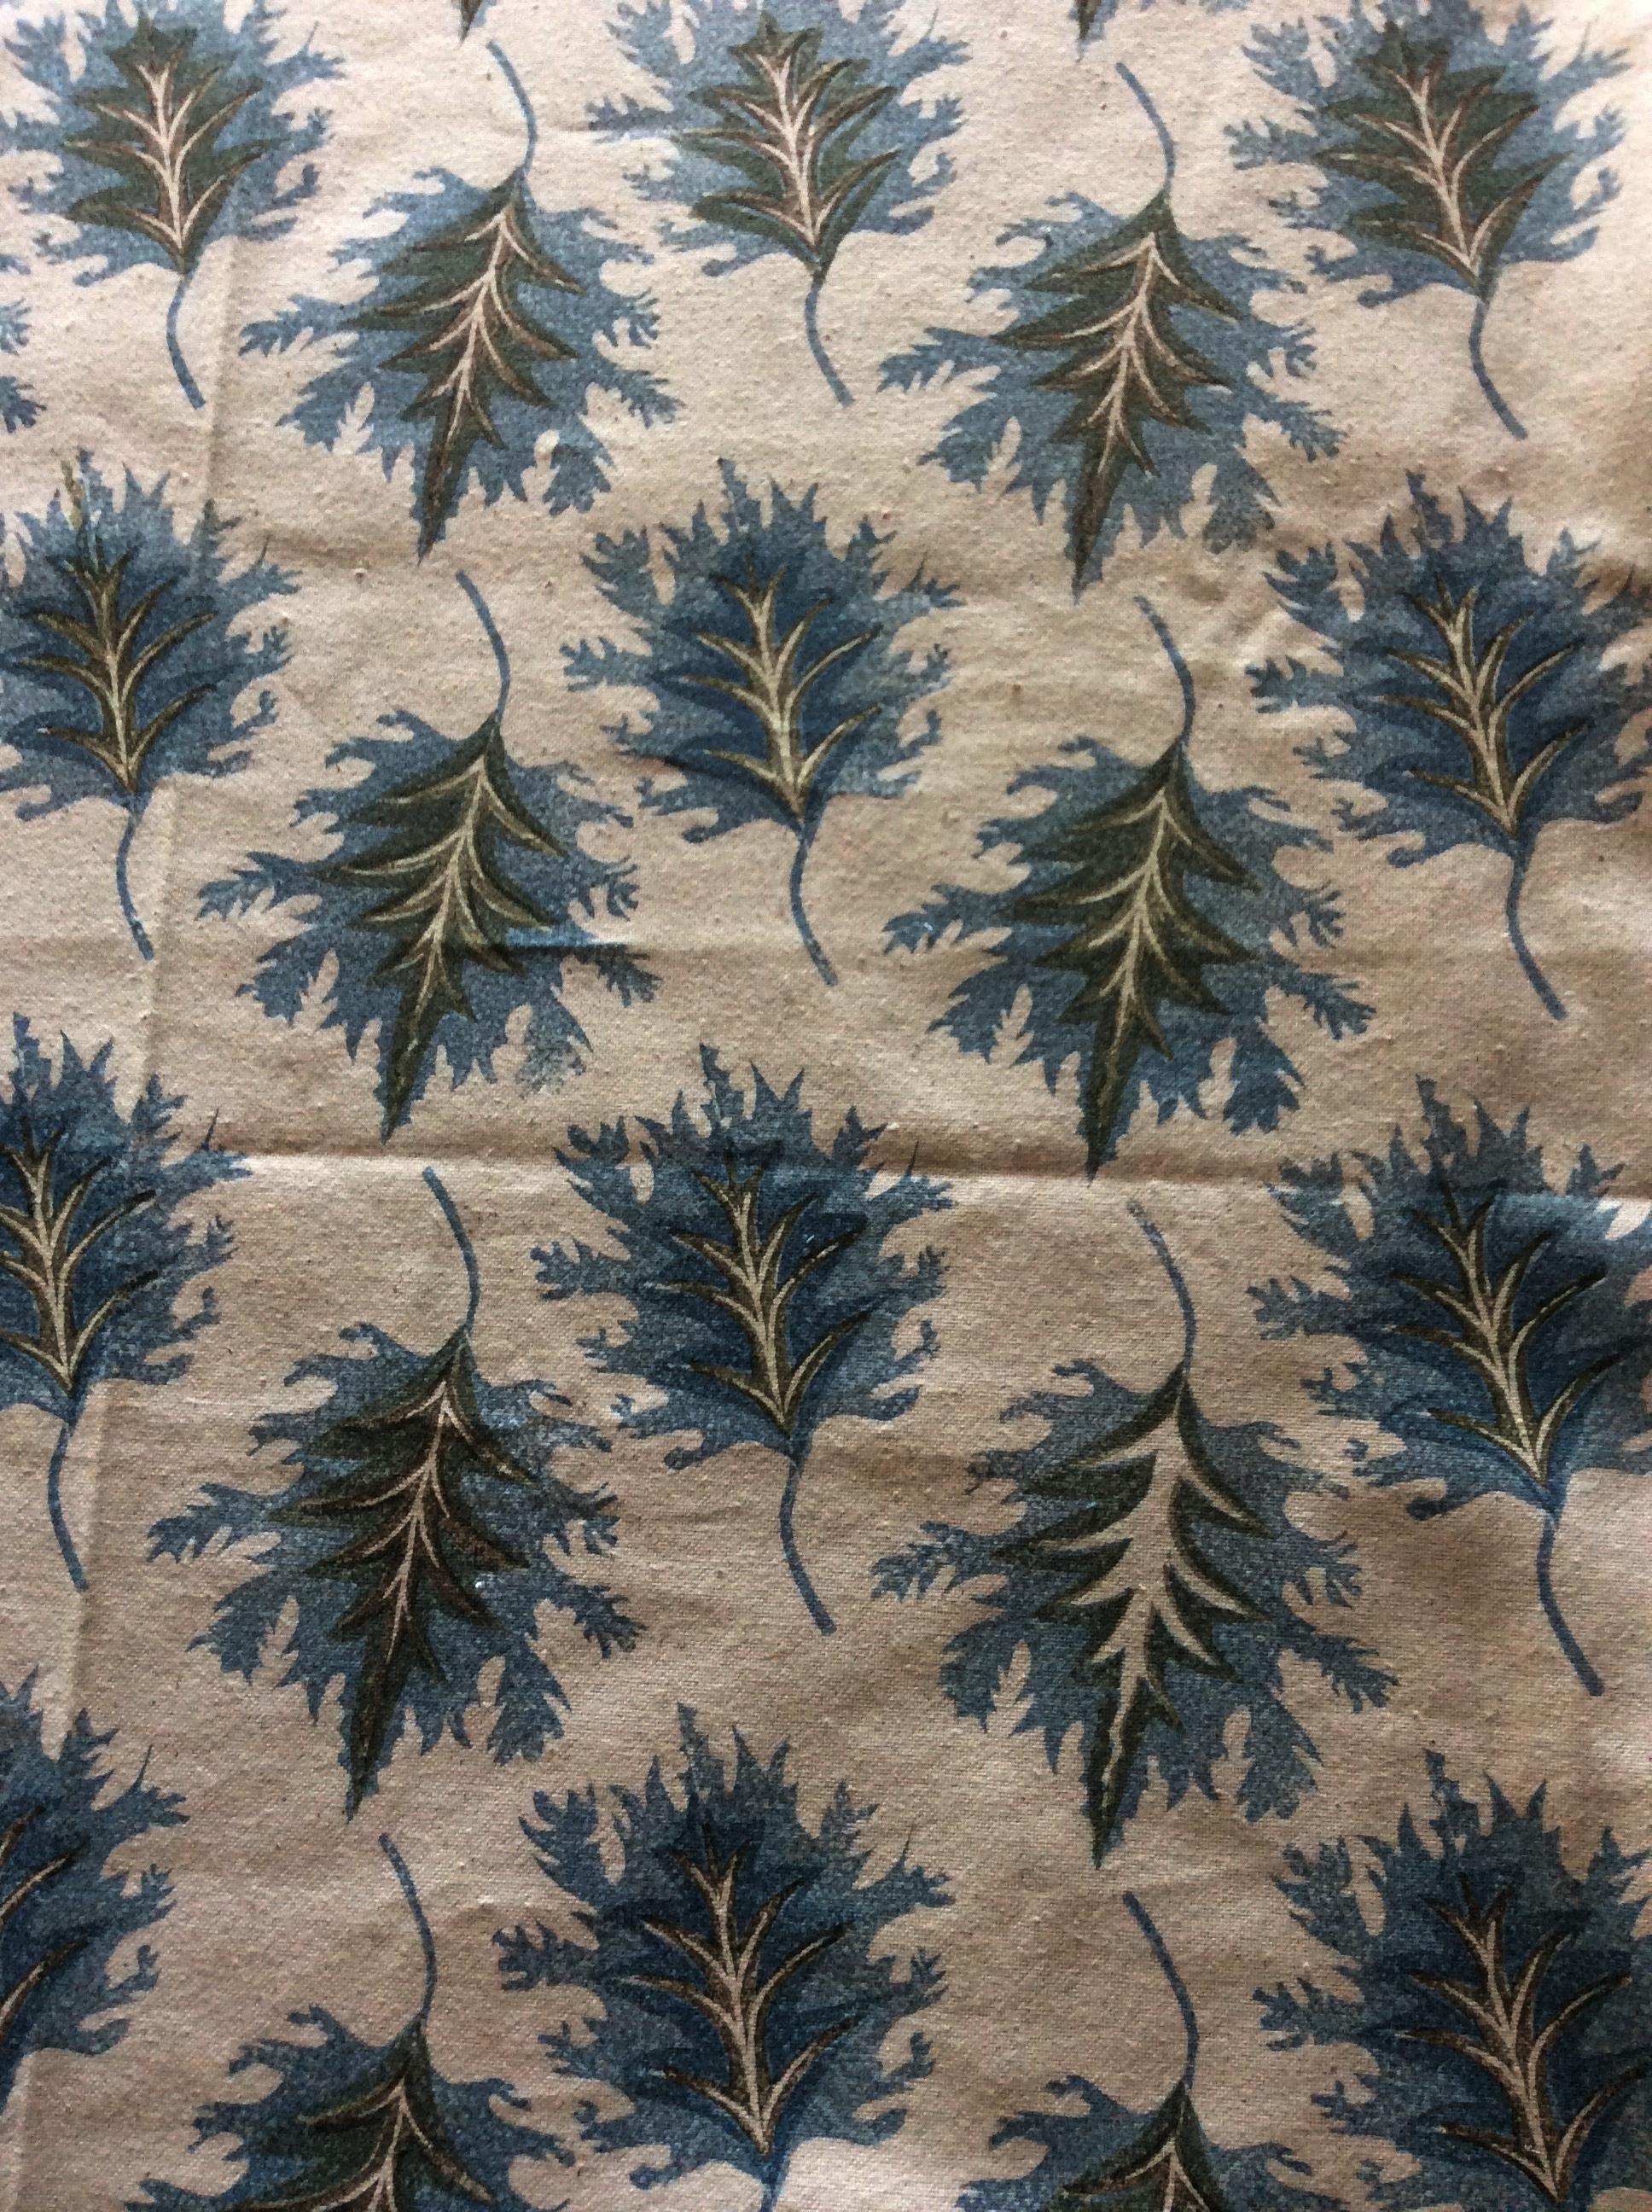 Whittington Court Textiles